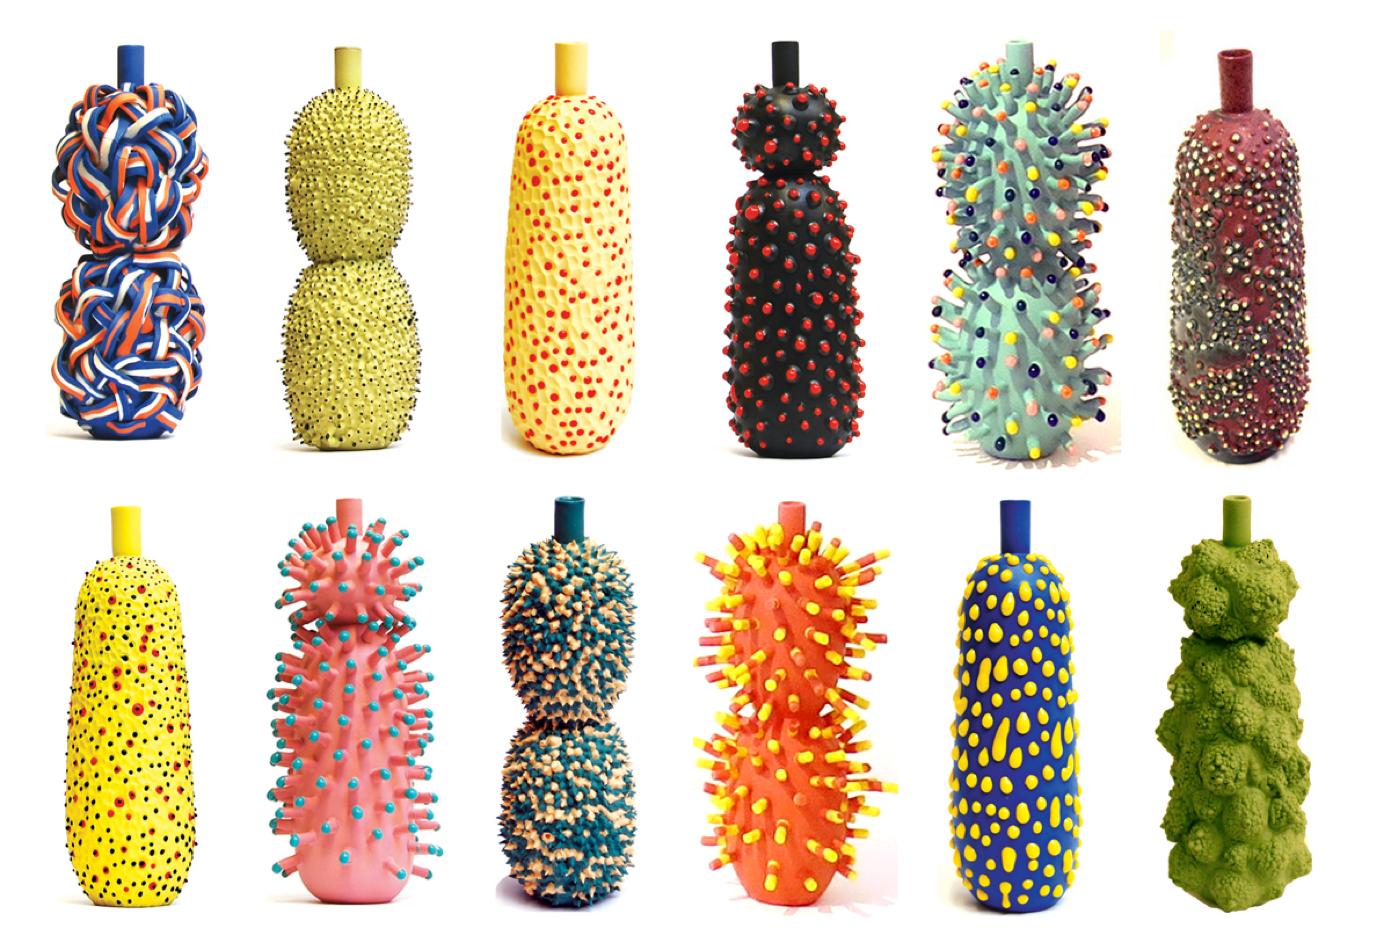 Imaginary Bottles by Ahryun LeeImaginary Bottles by Ahryun Lee